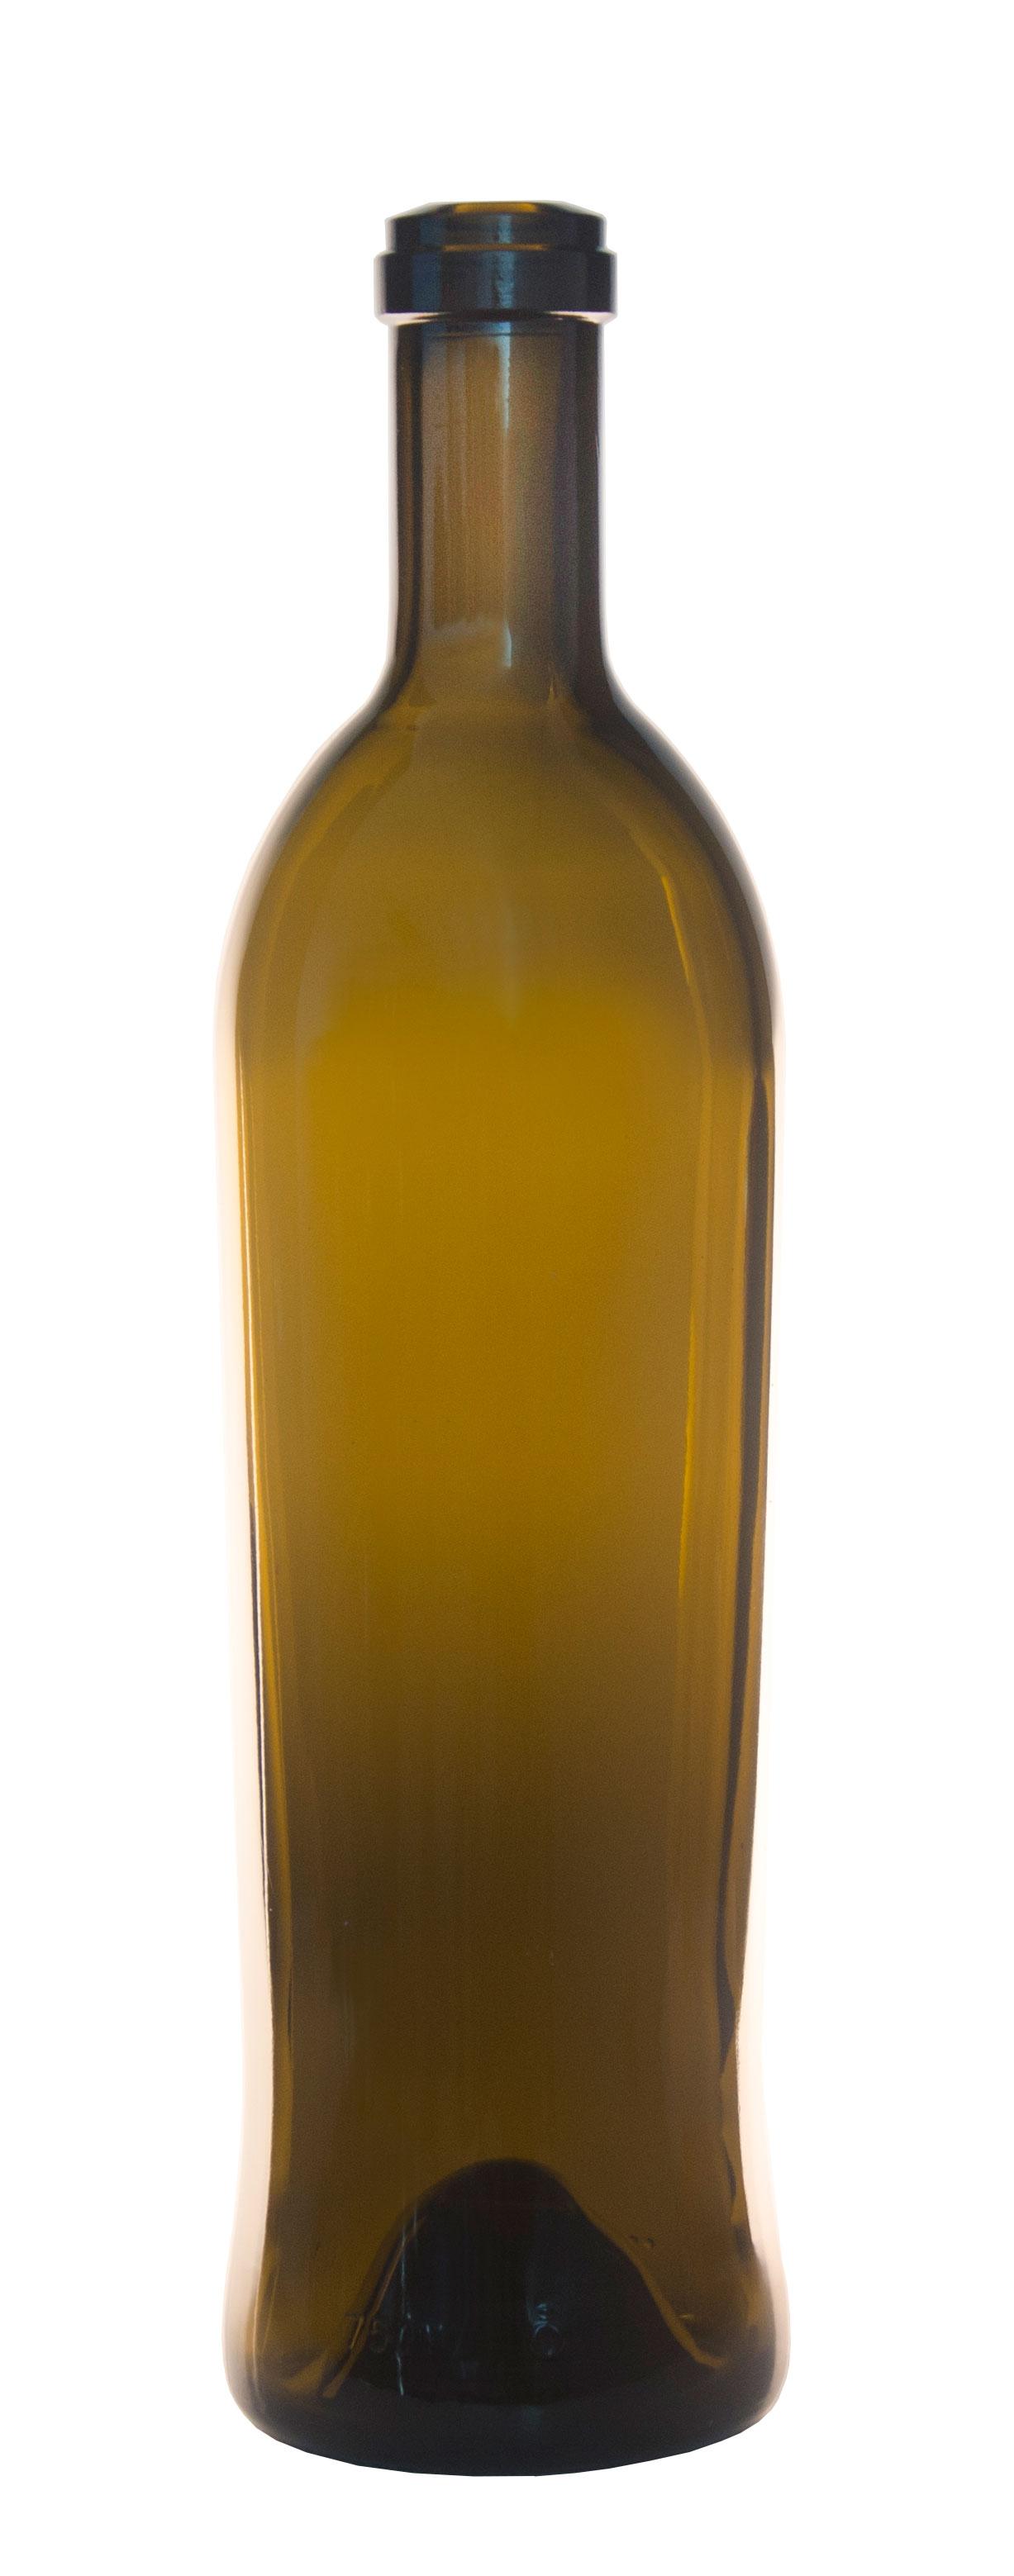 Tod_750ml_wine_bottle_0543